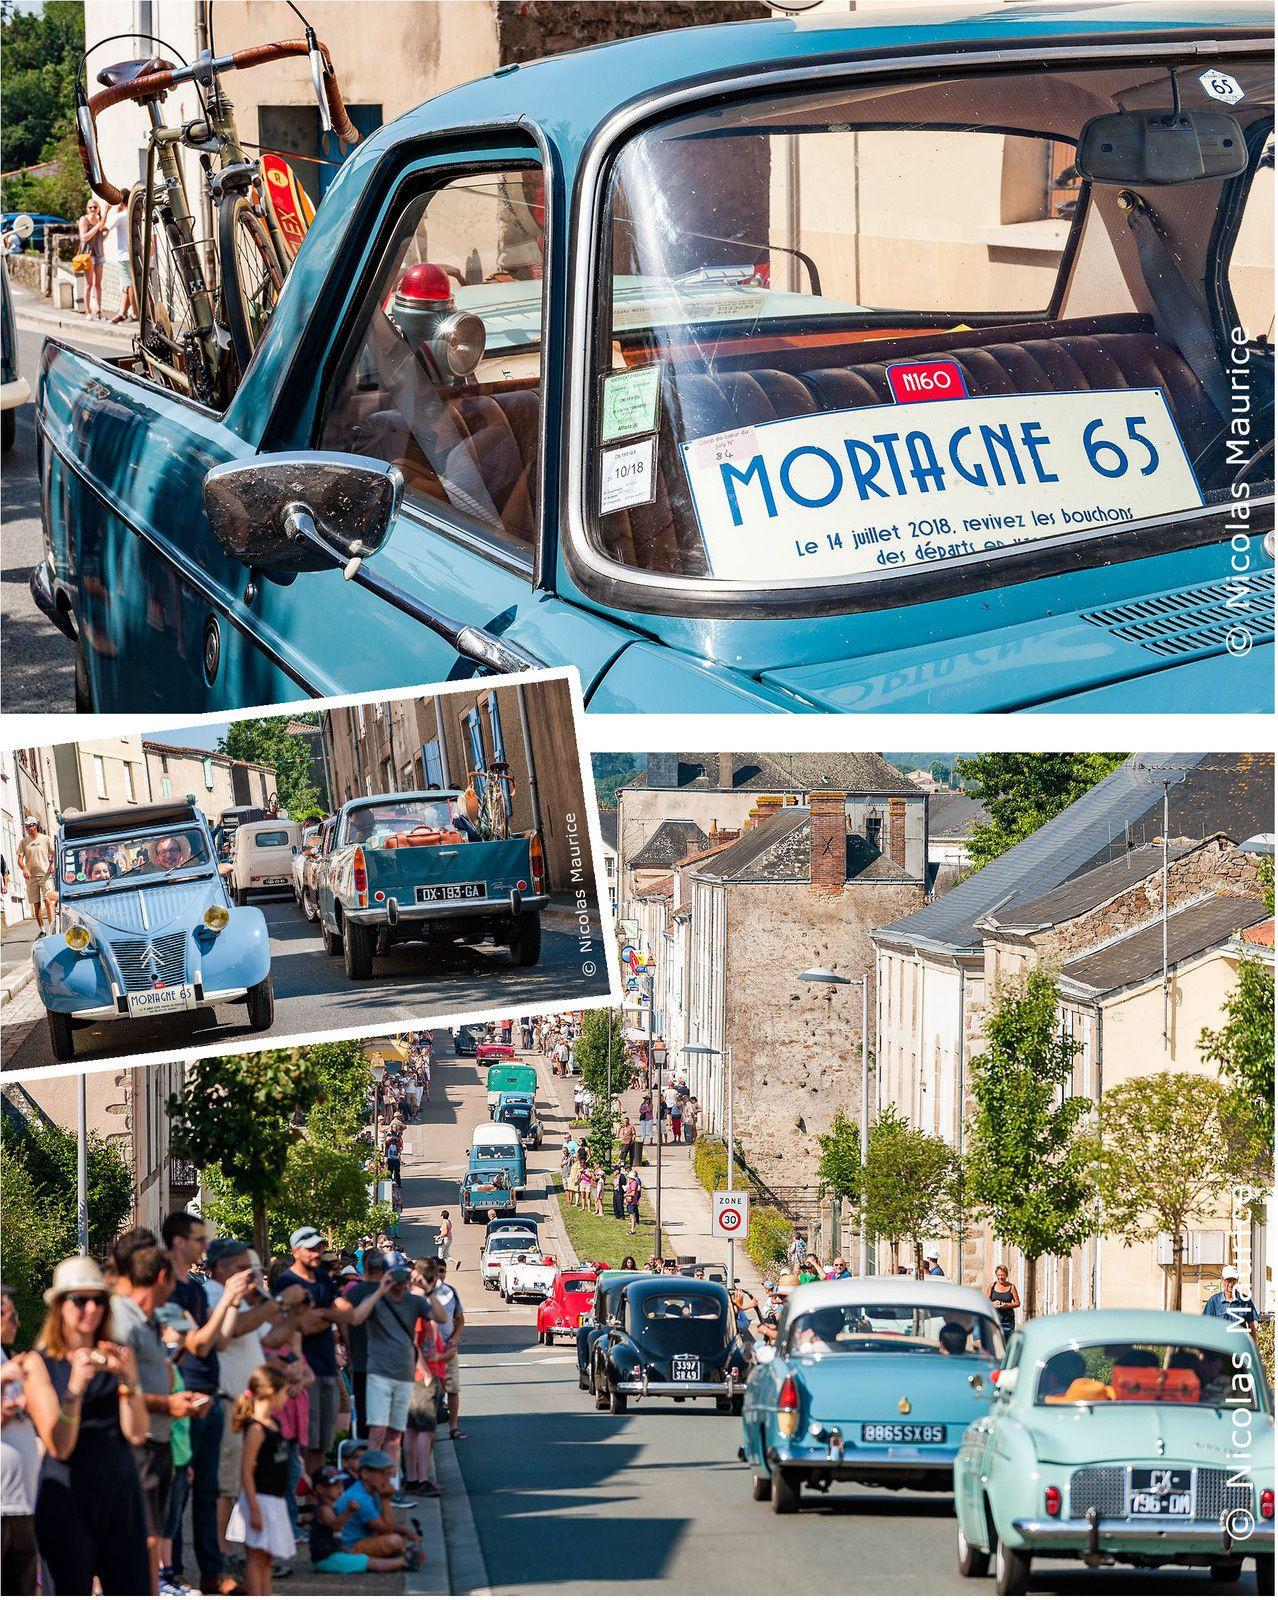 Juillet 2018 - Embouteillage de Mortagne 65 (85) 2°édition - merci Nicolas pour les photos.